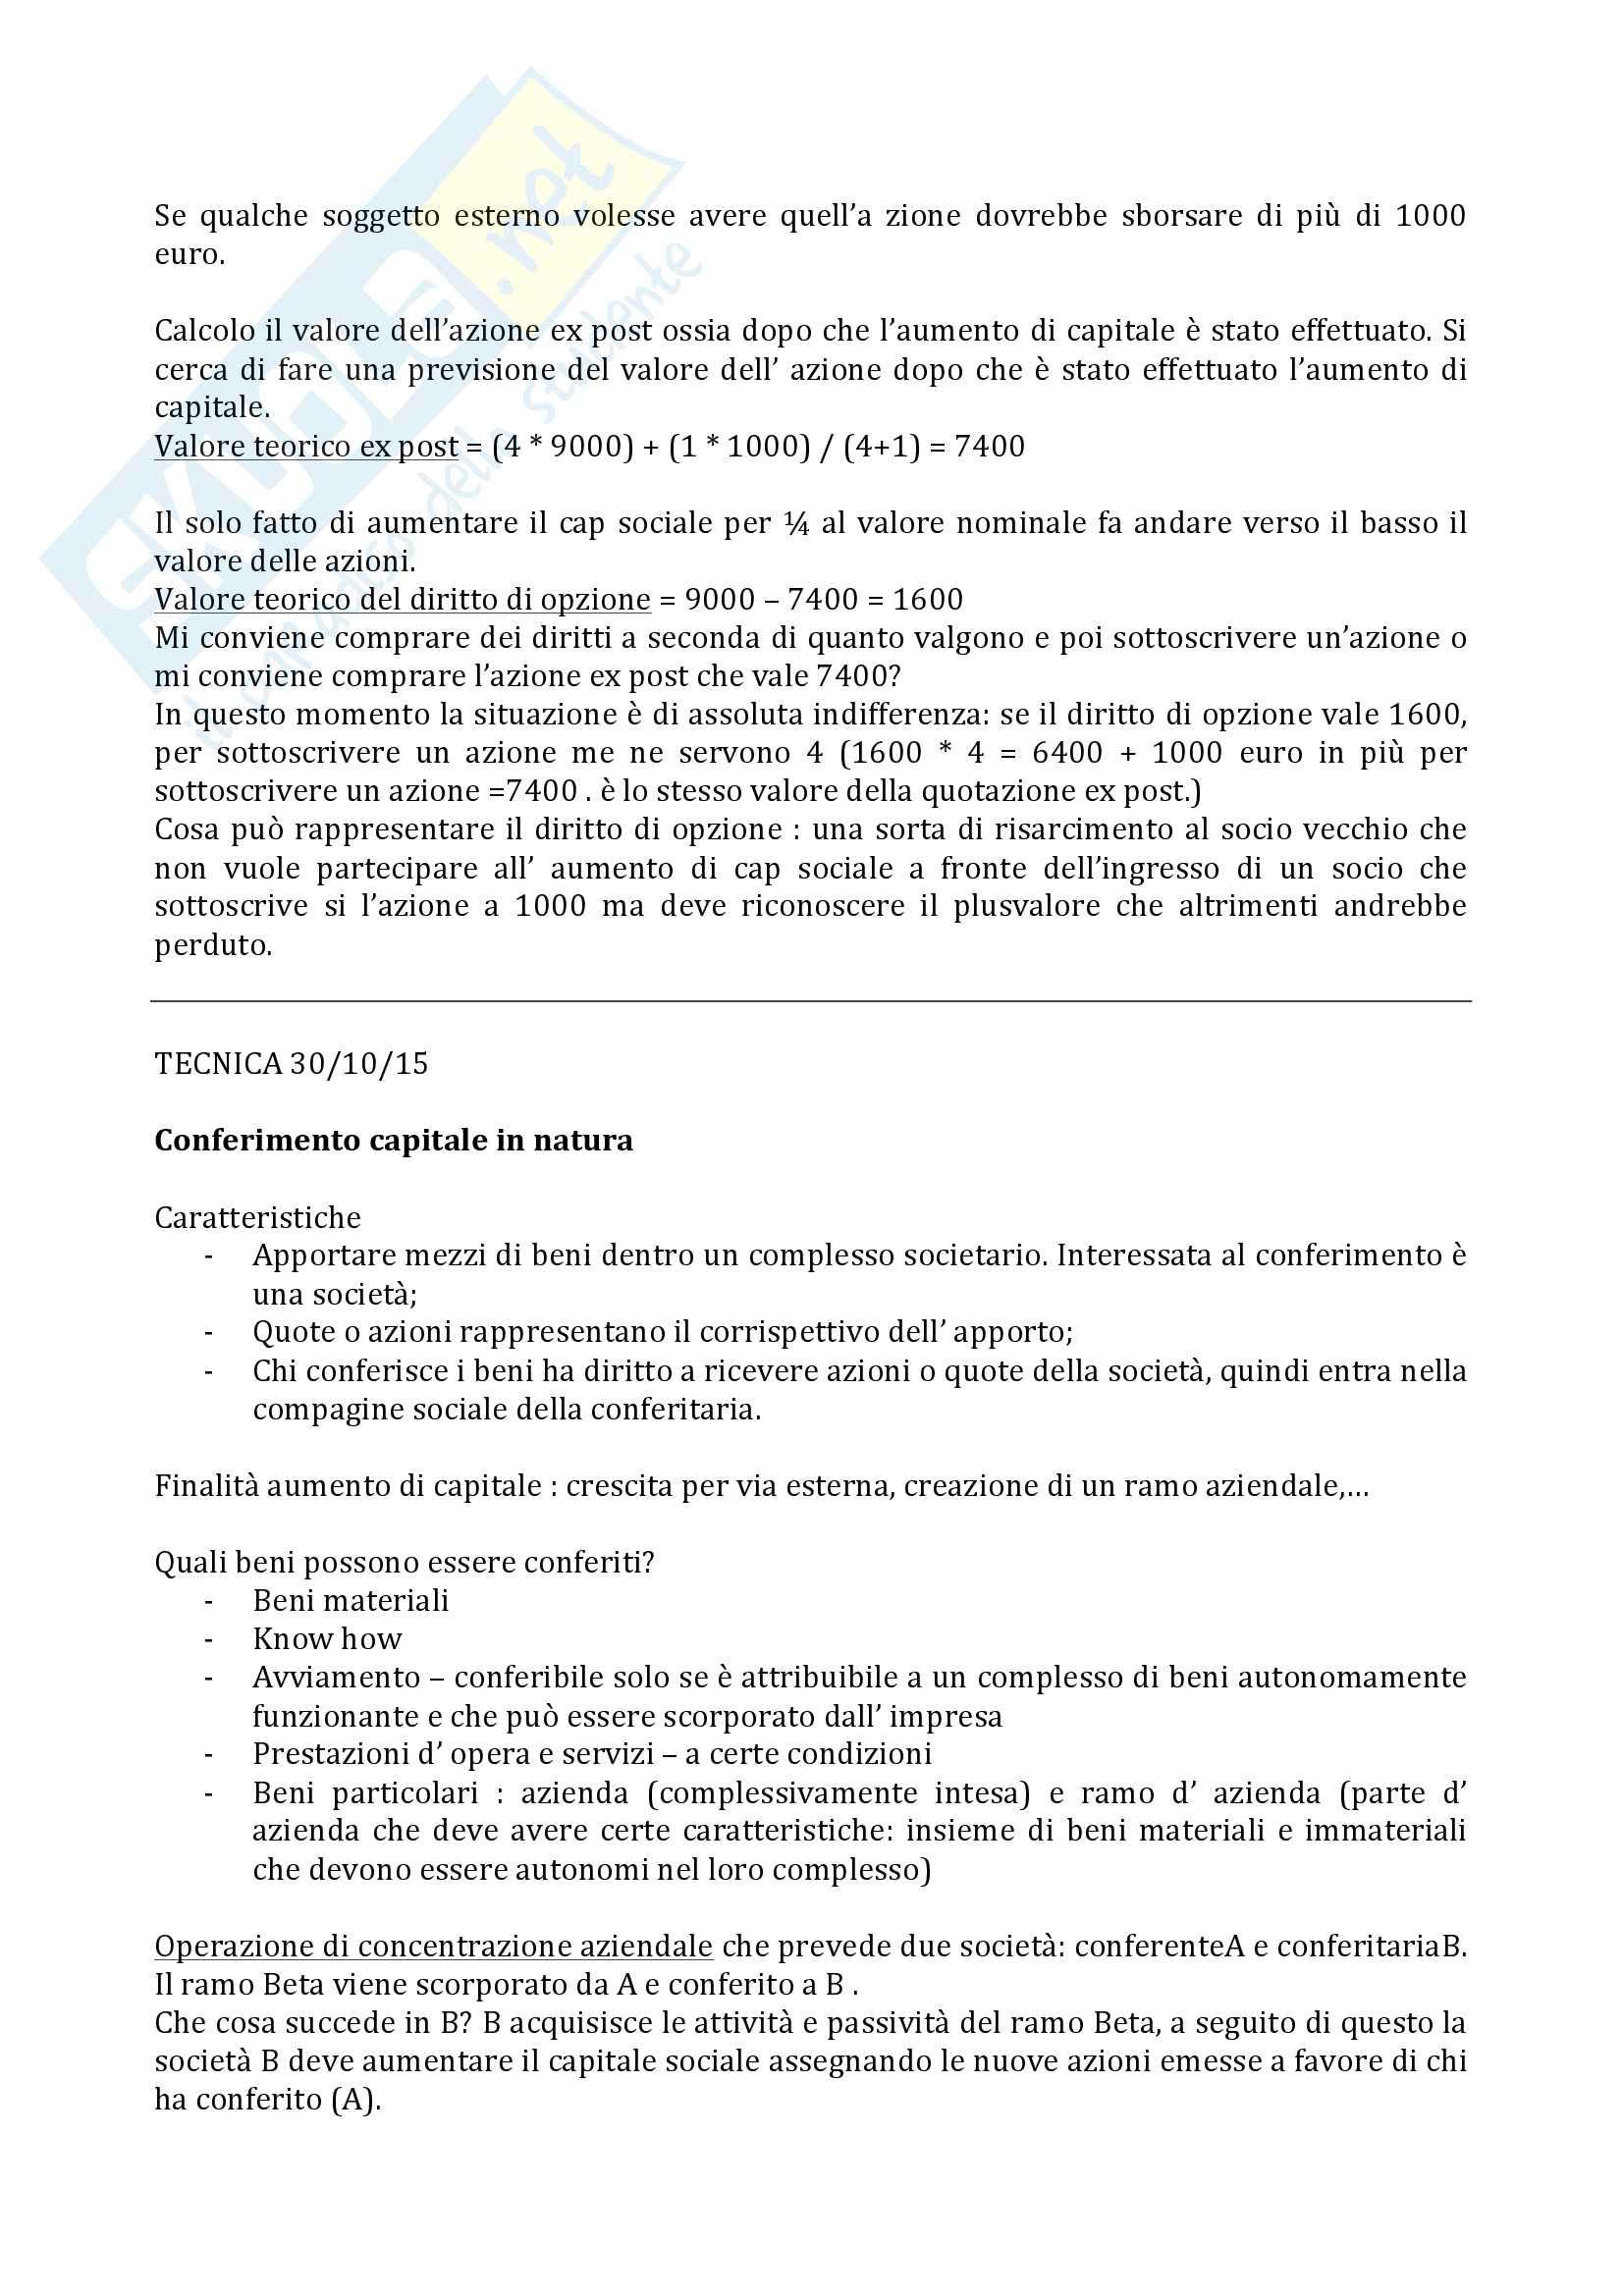 Appunti di tecnica professionale Pag. 31